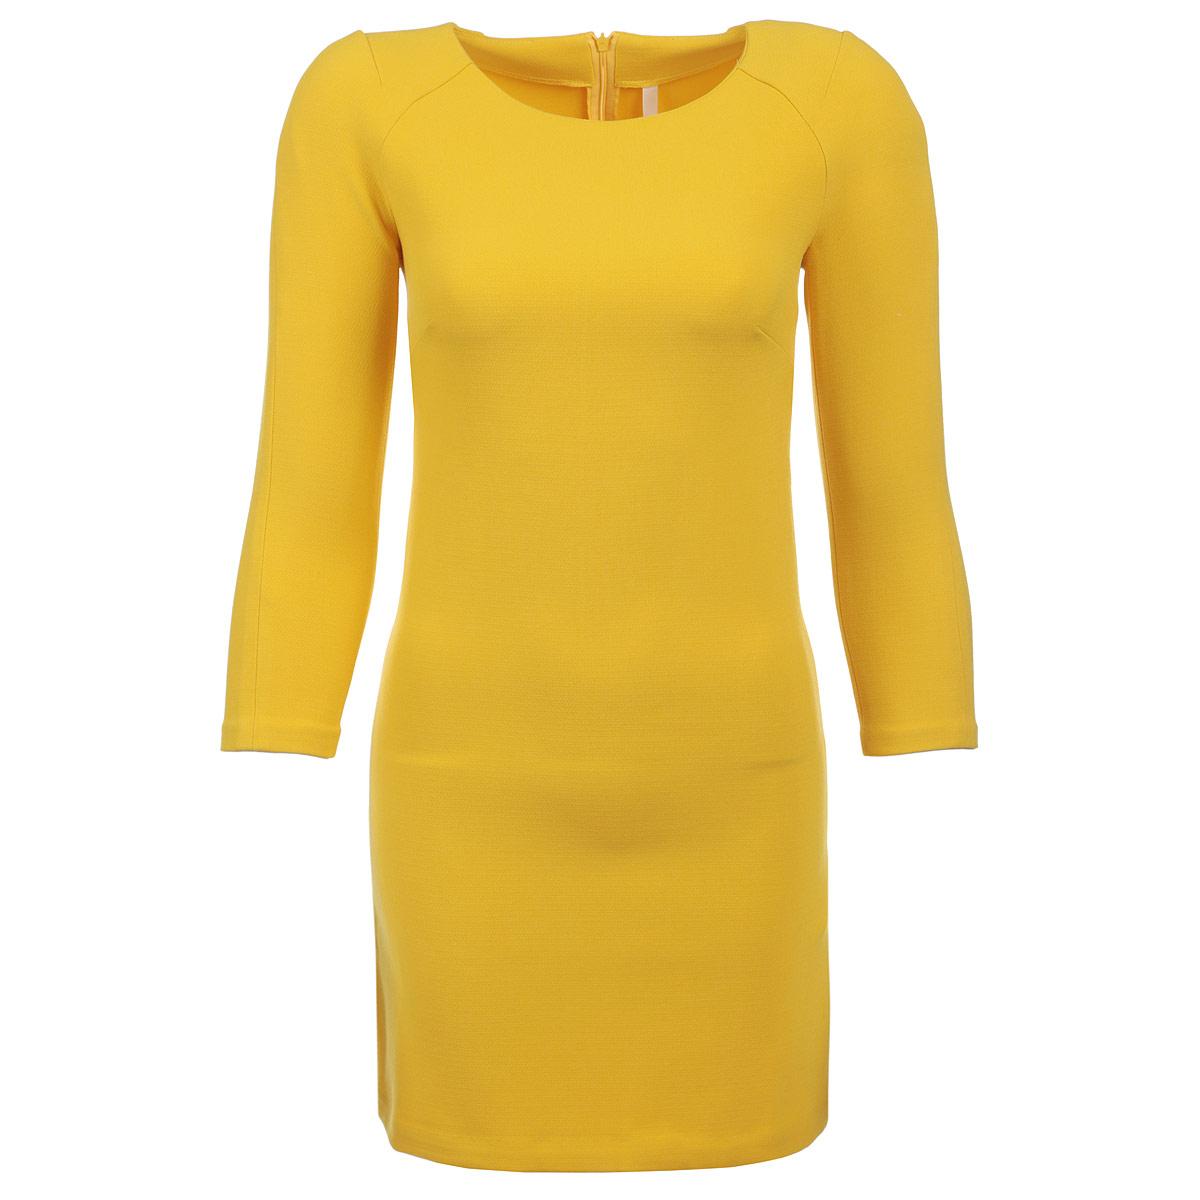 ПлатьеB455068Стильное женское платье Baon подчеркнет все достоинства вашей фигуры. Модель выполнена из плотного материала, приятного на ощупь. Платье облегающего кроя с круглым вырезом горловины и длинными рукавами. На спинке изделие застегивается на потайную застежку-молнию. Лаконичный дизайн и совершенство стиля подчеркнут вашу индивидуальность.